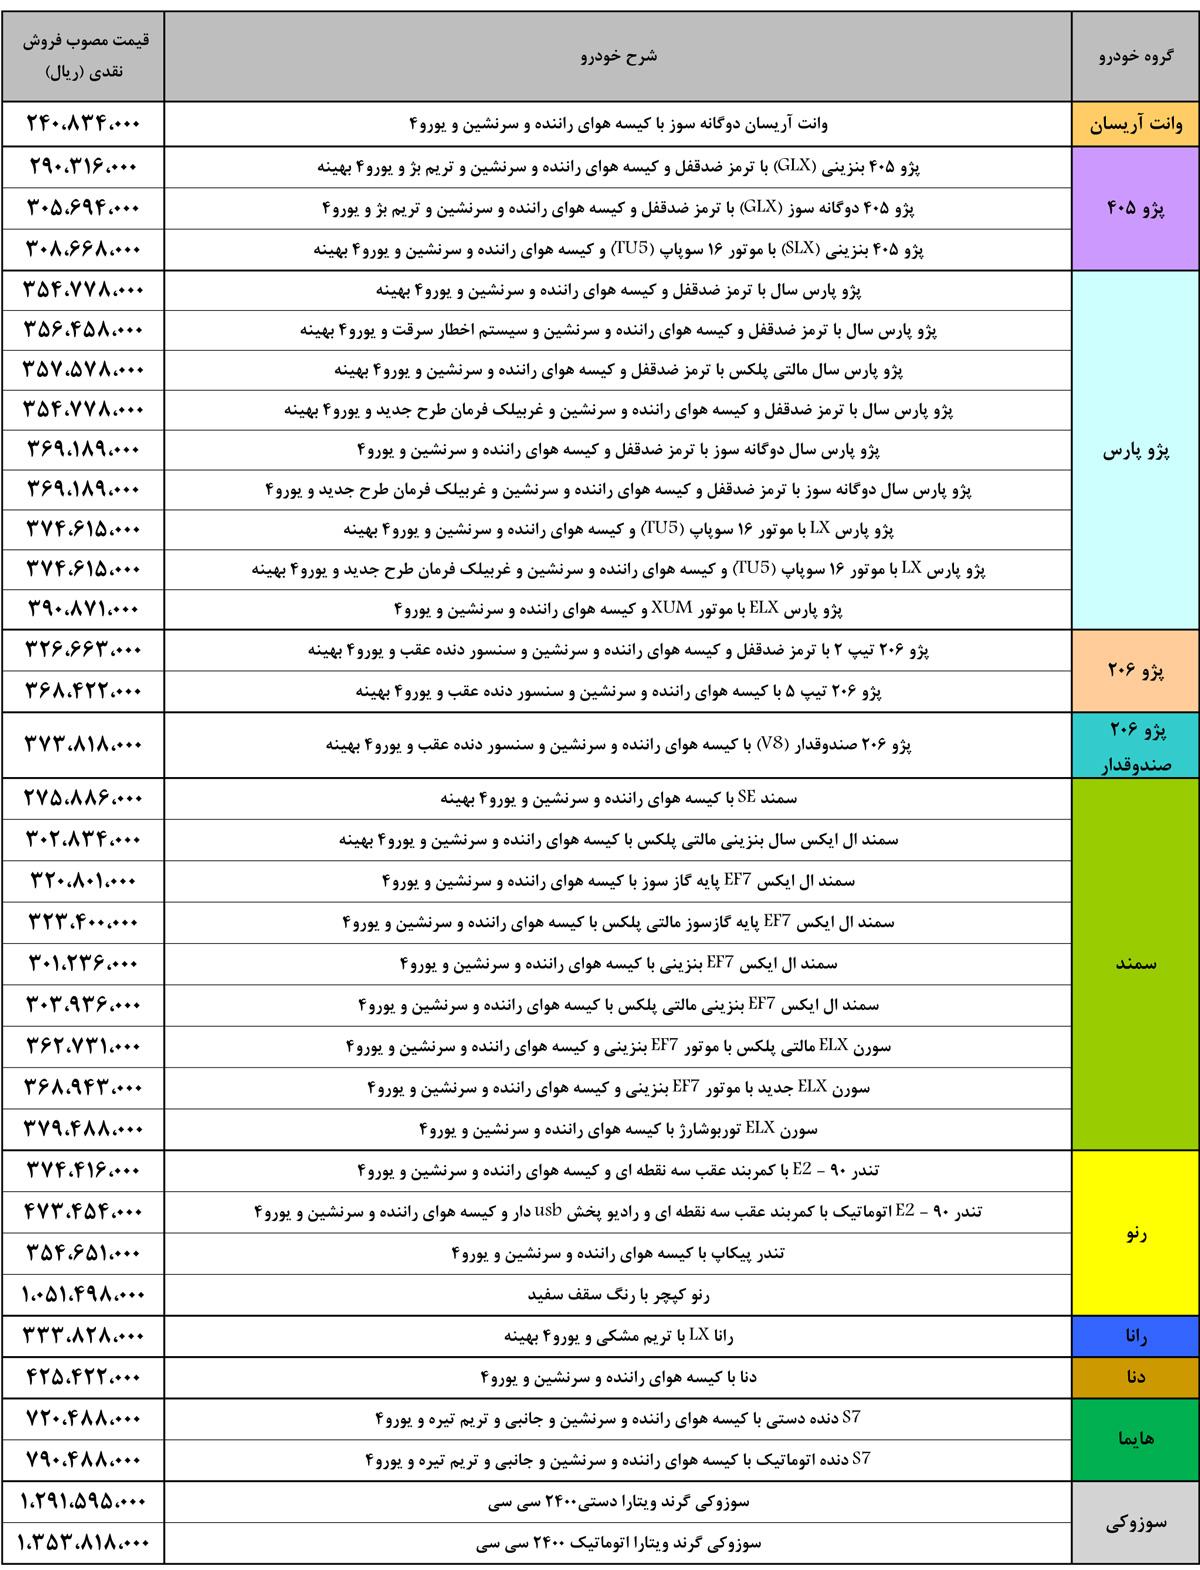 قیمت ماشین های ایران خودرو